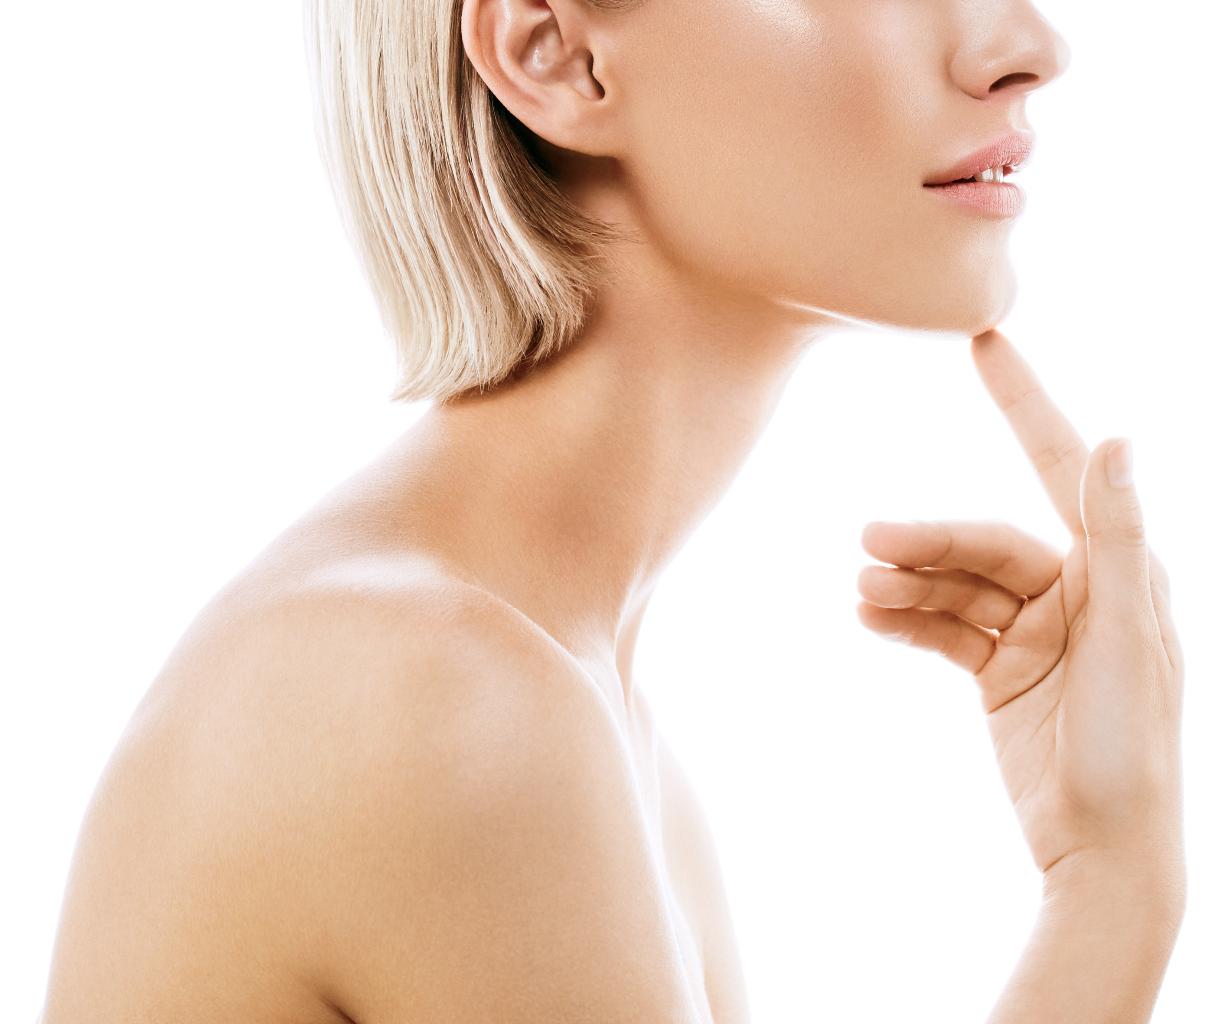 Cirugía estética y las respuestas a esas dudas que te planteas